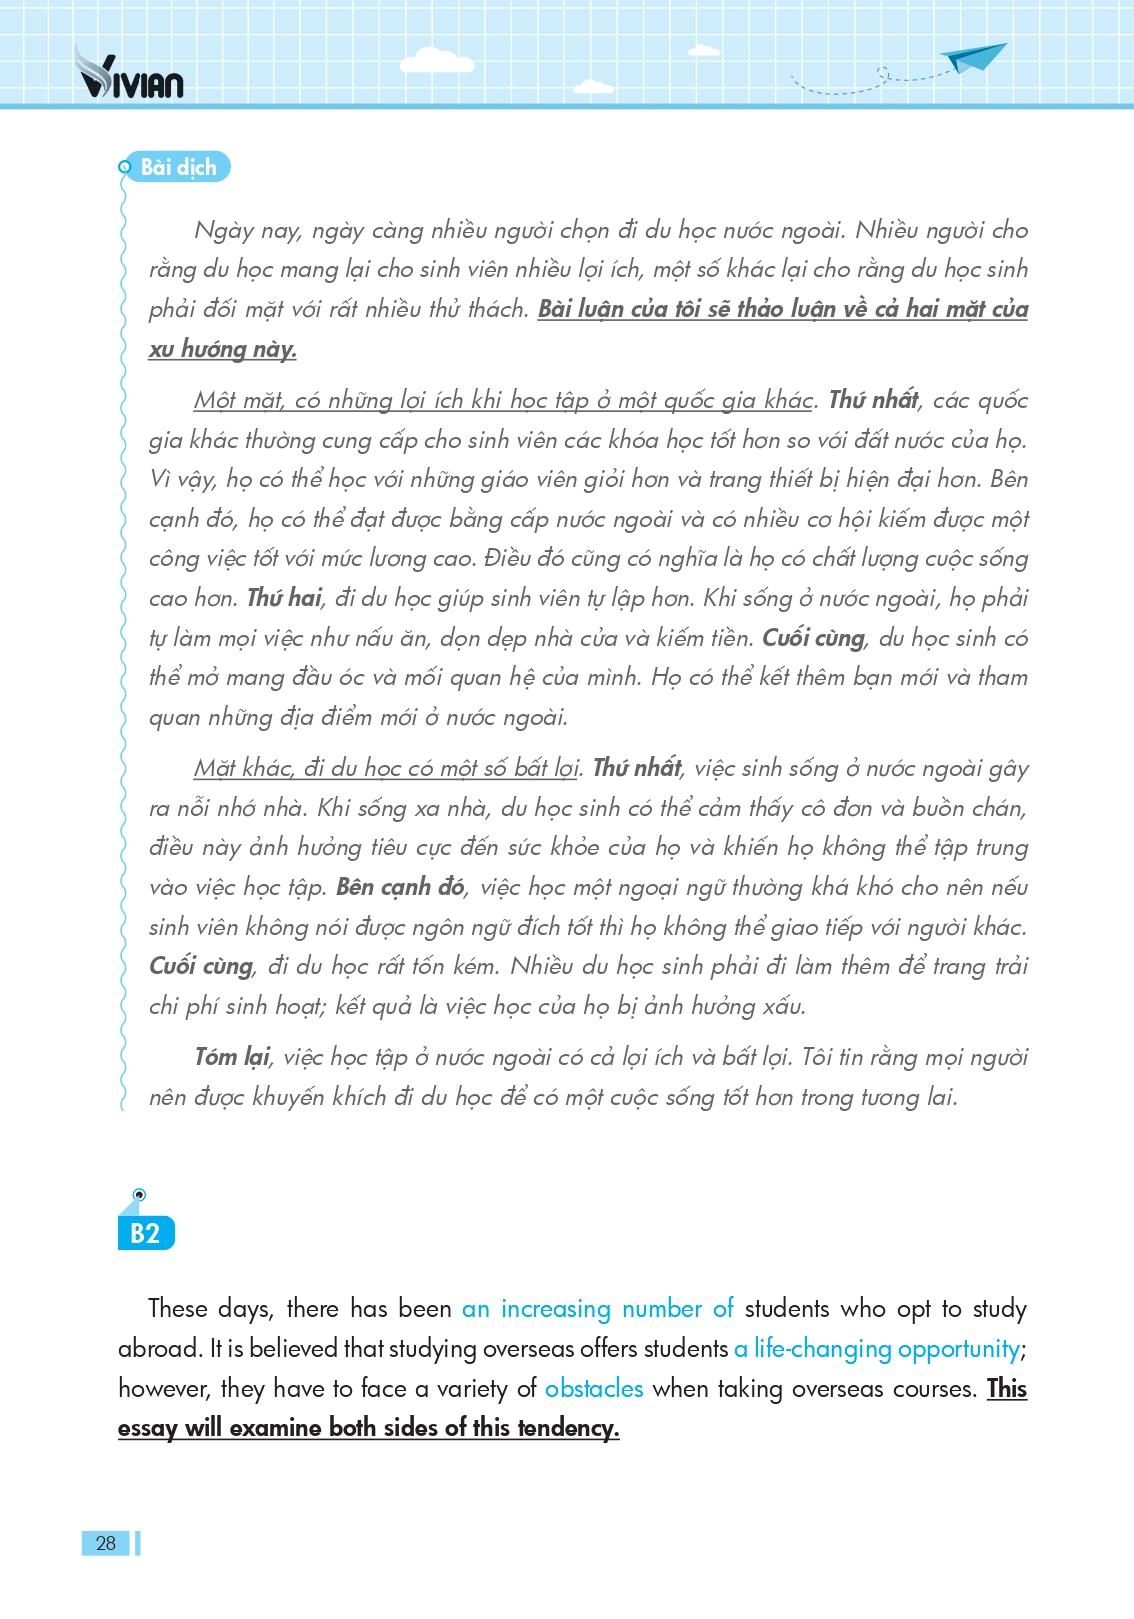 Sách Vstep writing essay_Bài dịch bài viết mẫu